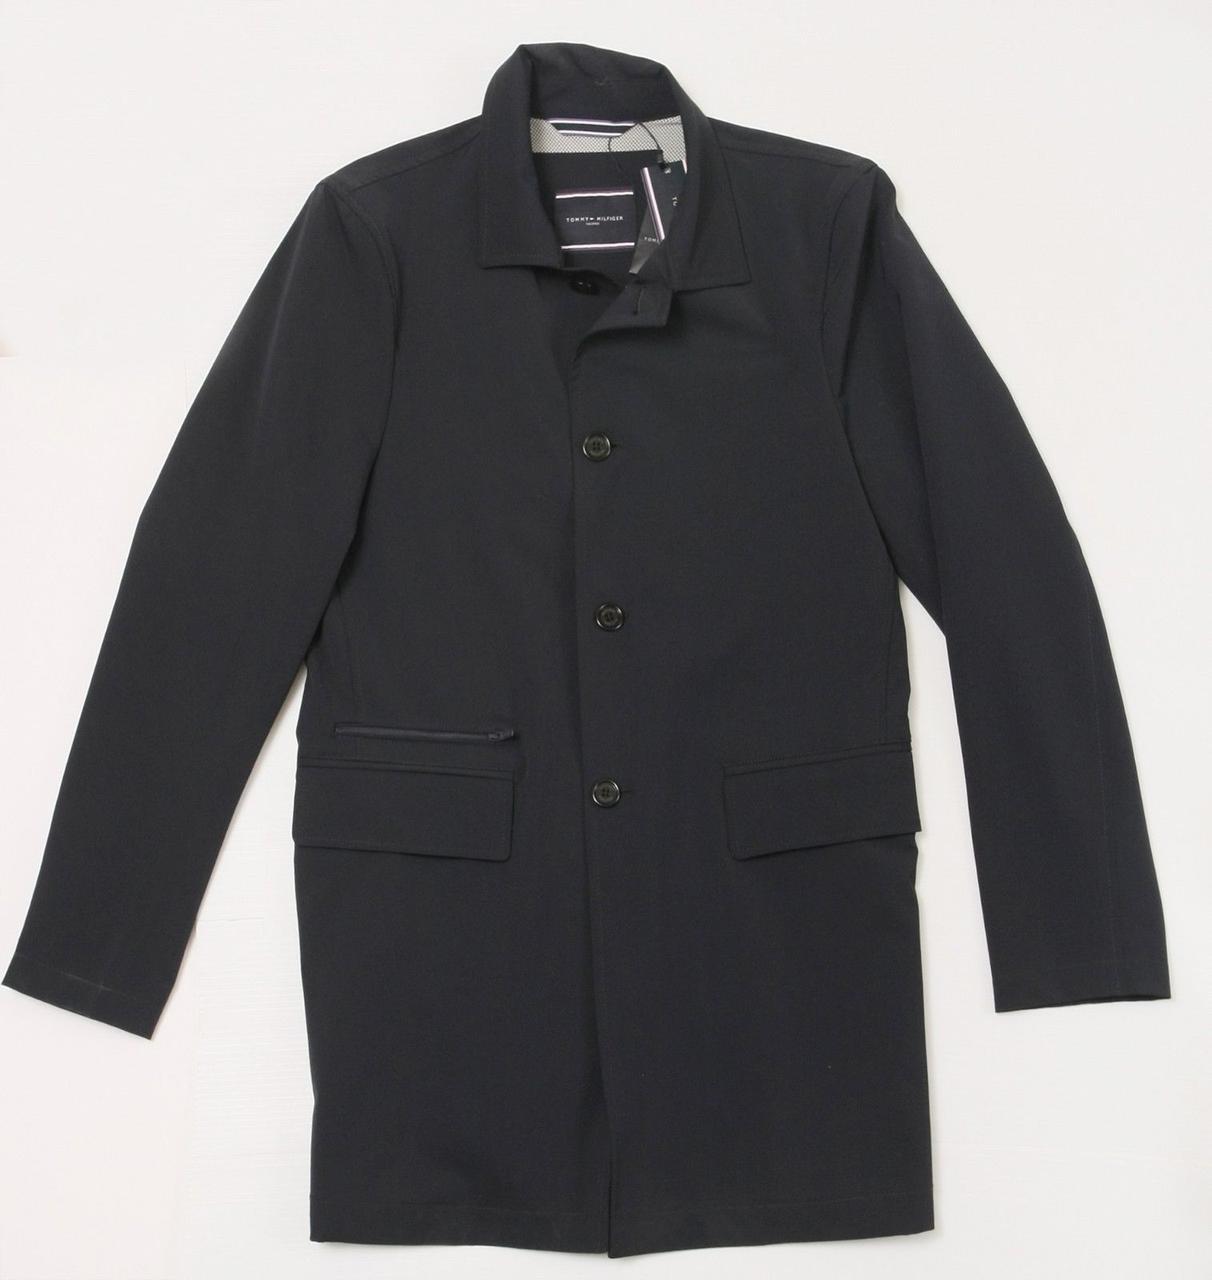 Мужская элегантная демисезонная куртка Tommy Hilfiger - деловой стиль, оригинал! Томми Хилфигер